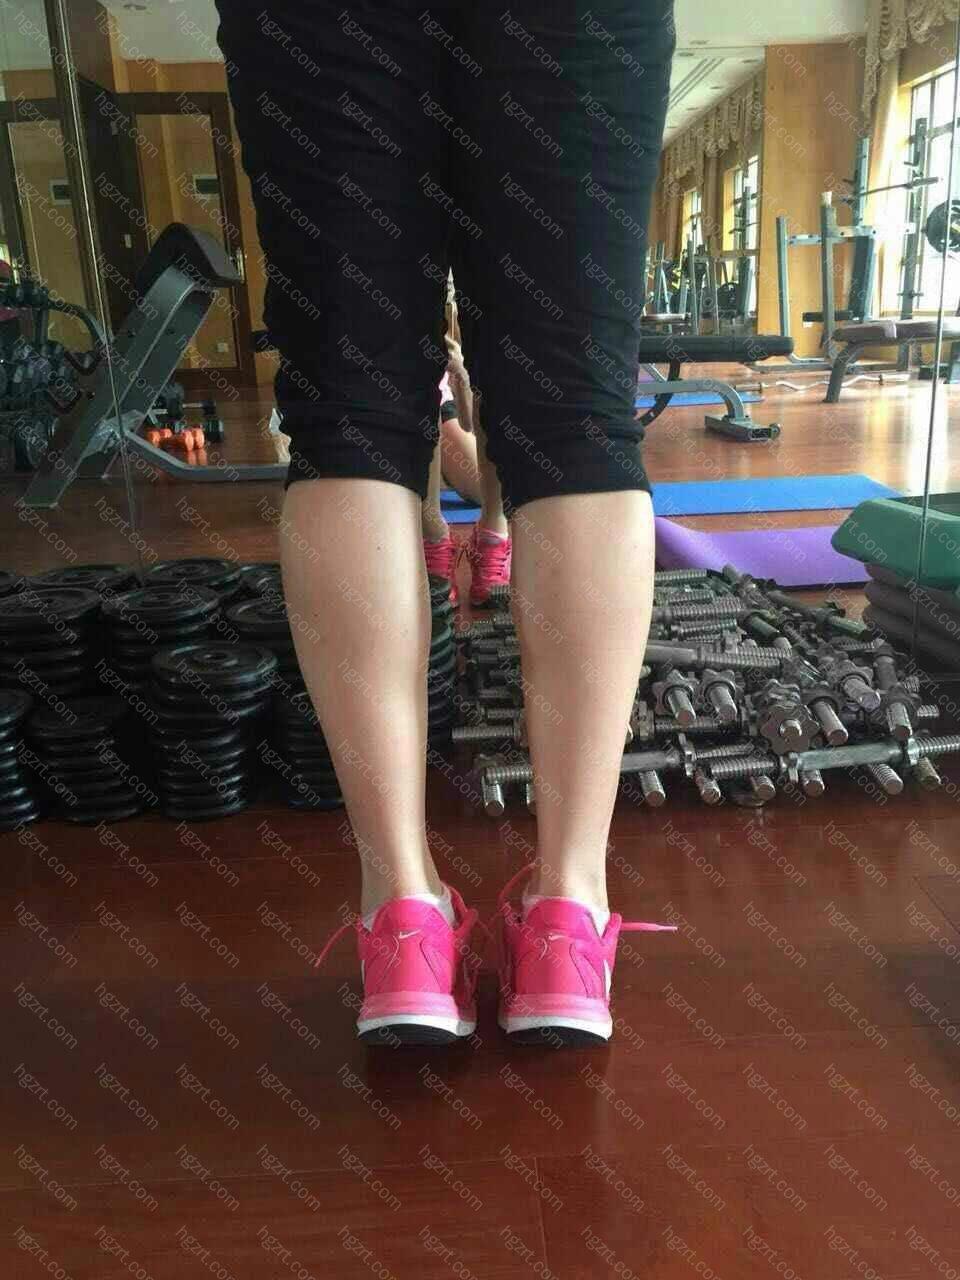 现在十天过去了,来看看变化,上图~ 相比之前,腿肚子全部消除了,而且看起来我的腿变得又长又直